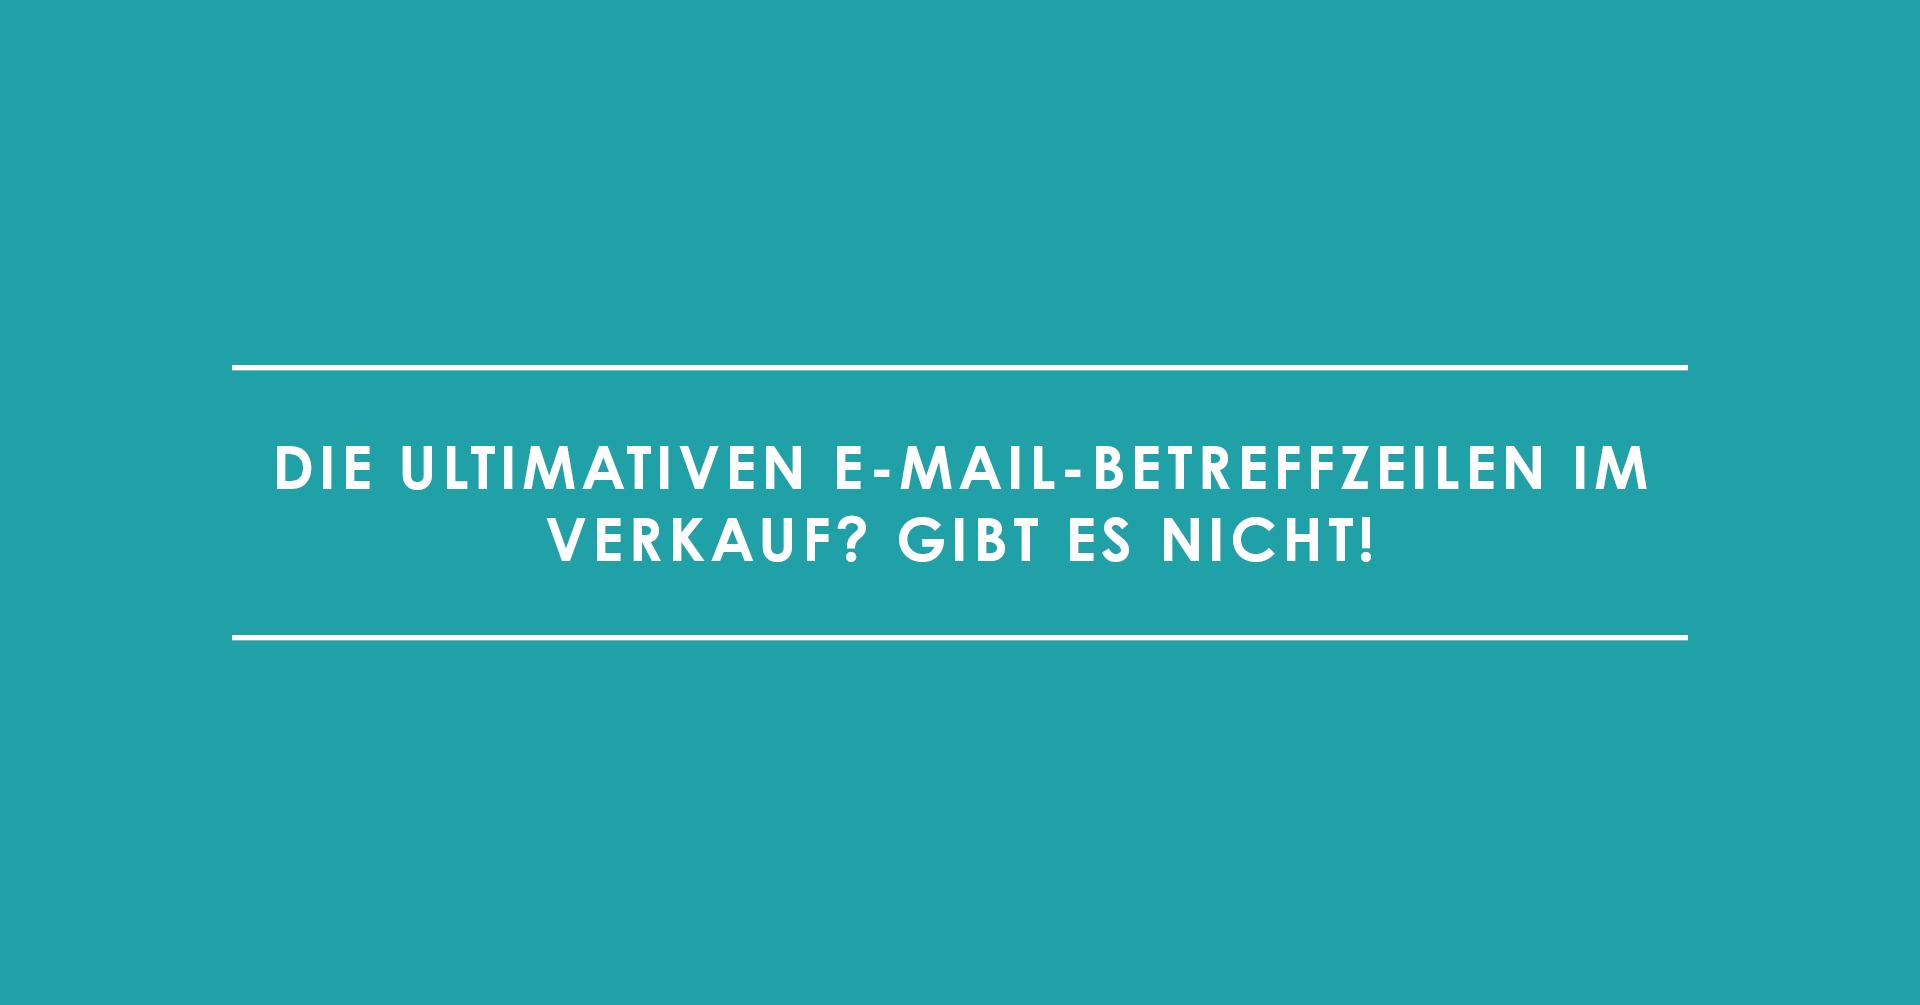 Die ultimativen E-Mail-Betreffzeilen im Verkauf? Gibt es nicht!